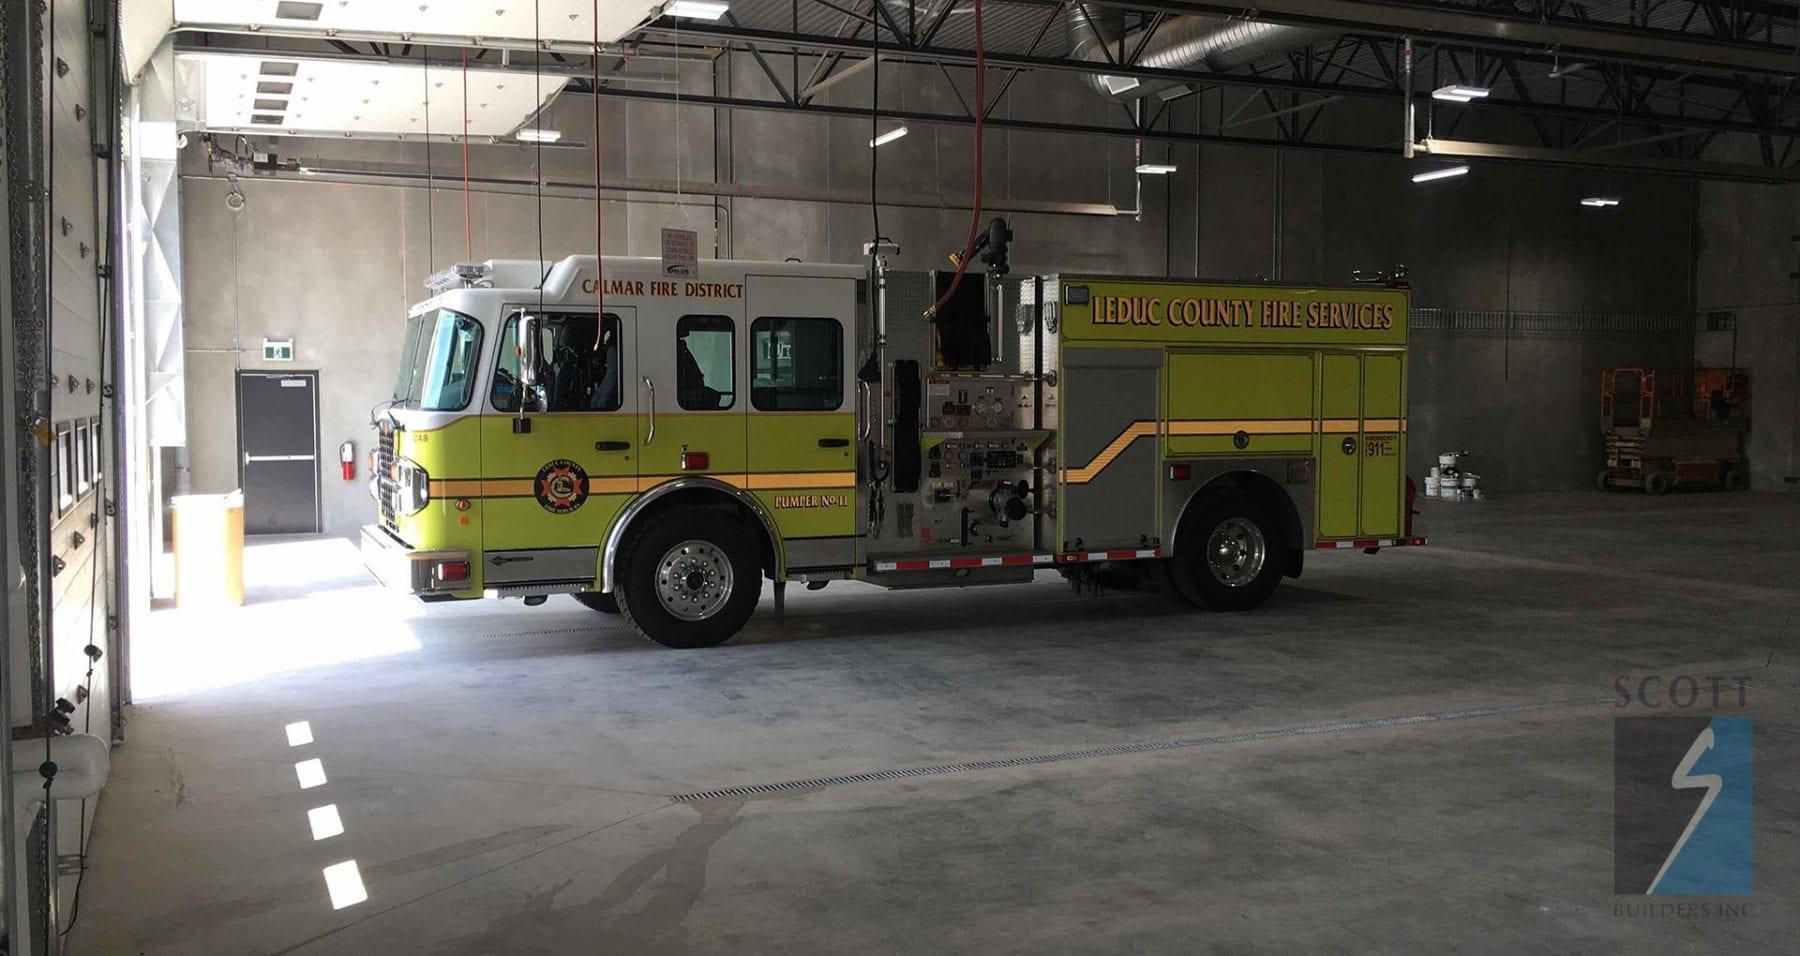 Calmar-Fire-Hall-3-scaled